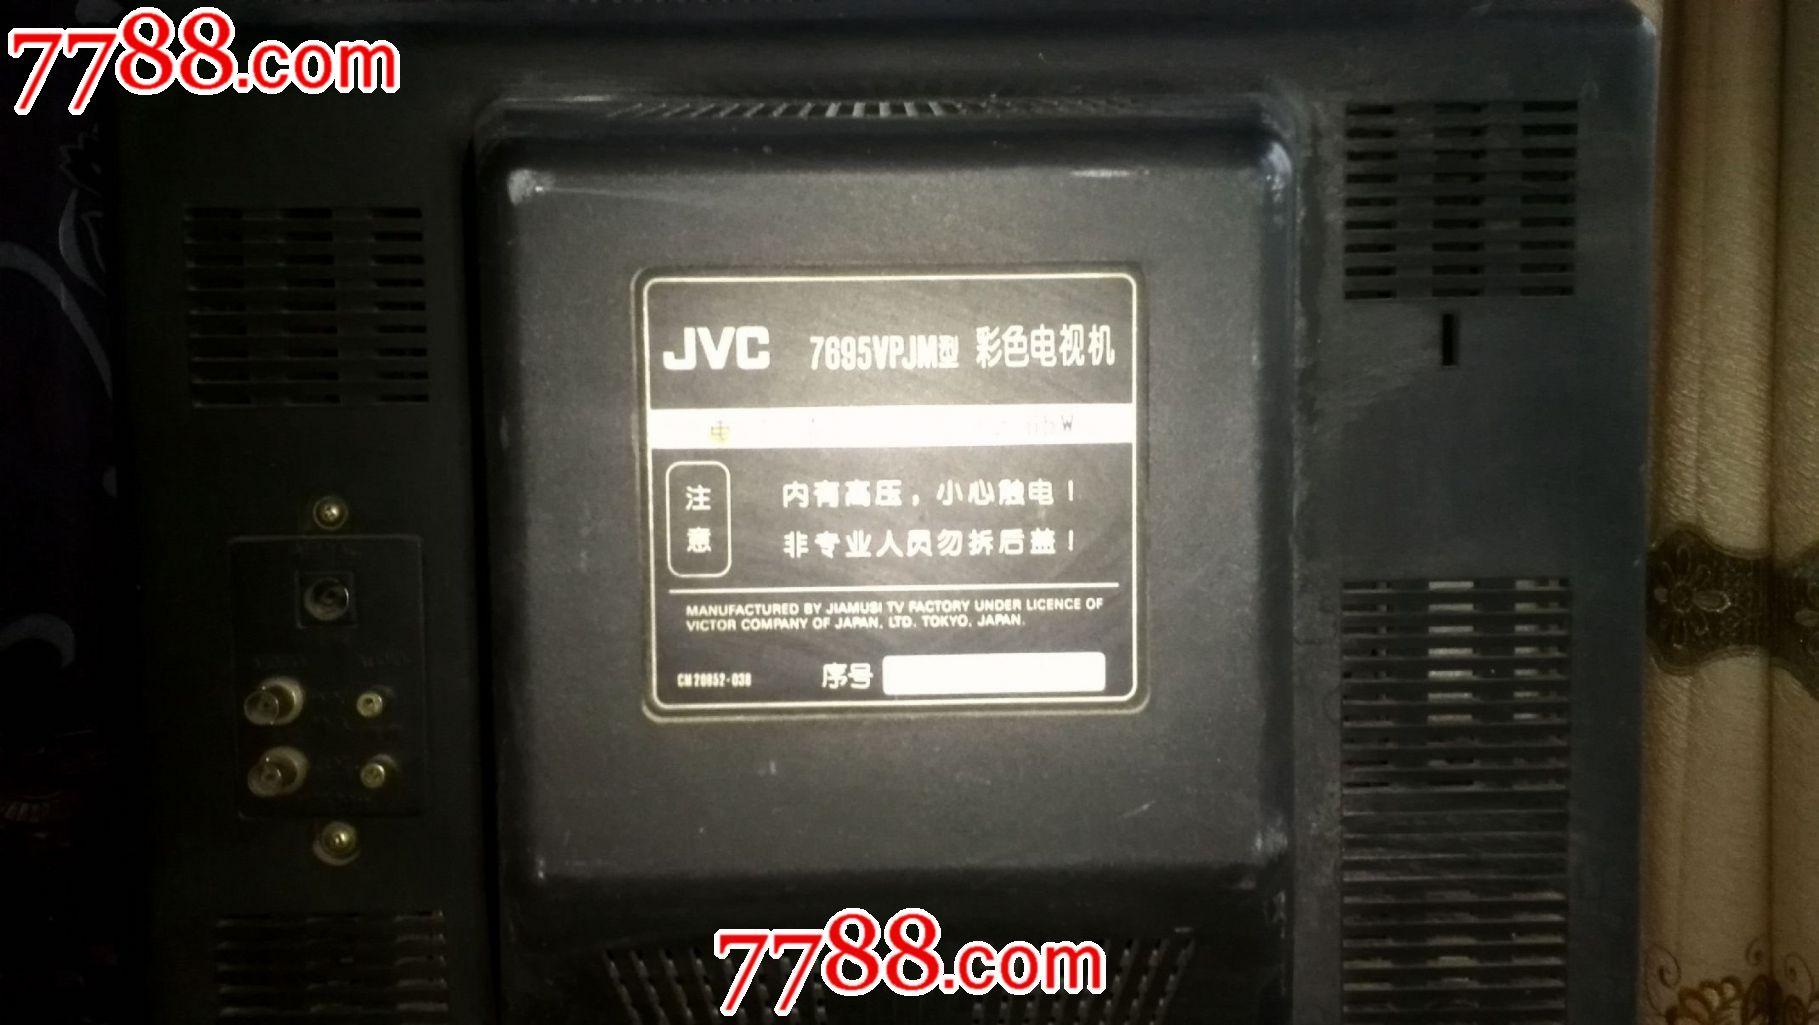 jvc7695vpjm彩色电视机